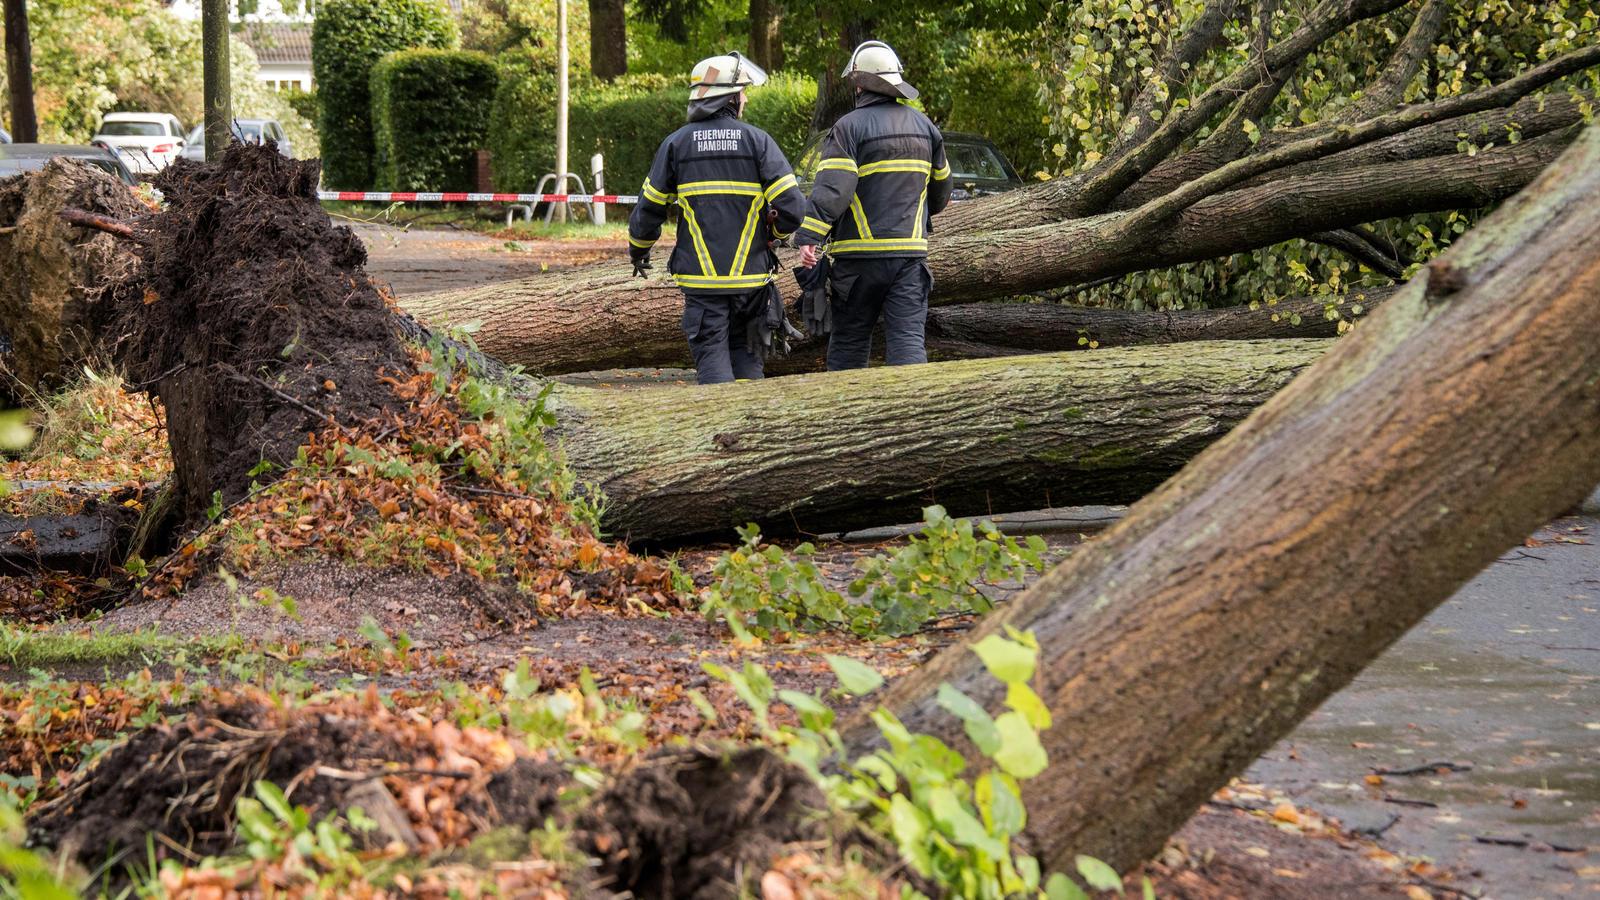 Sturmtief XAVIER hatte im Oktober 2017 u.a. Bäume entwurzelt, wie hier in Hamburg.